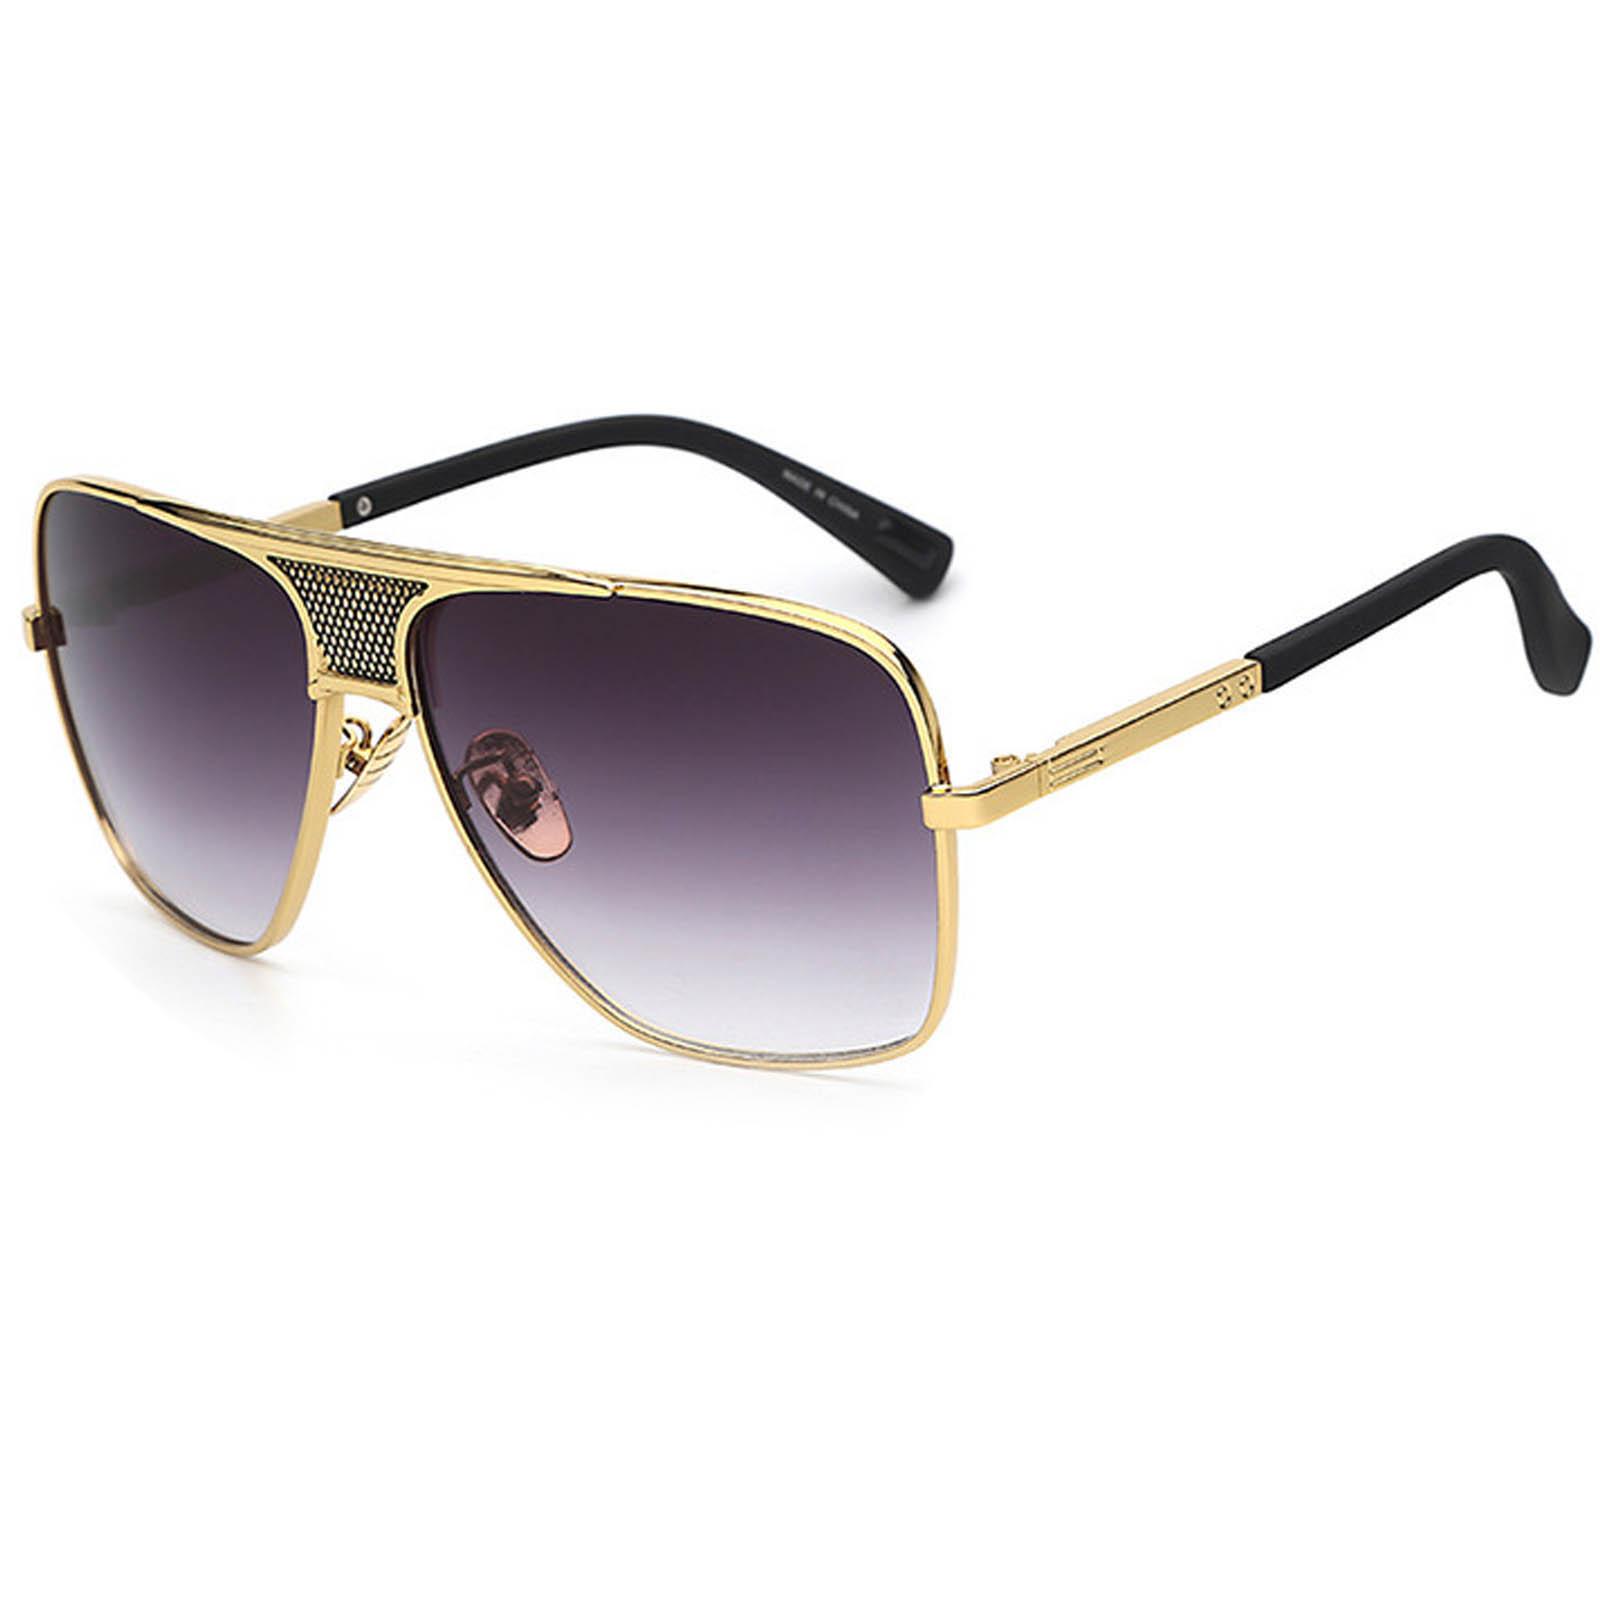 OWL ® 013 C2 Square Eyewear Sunglasses Women's Men's Metal Black Frame Smoke Lens One Pair